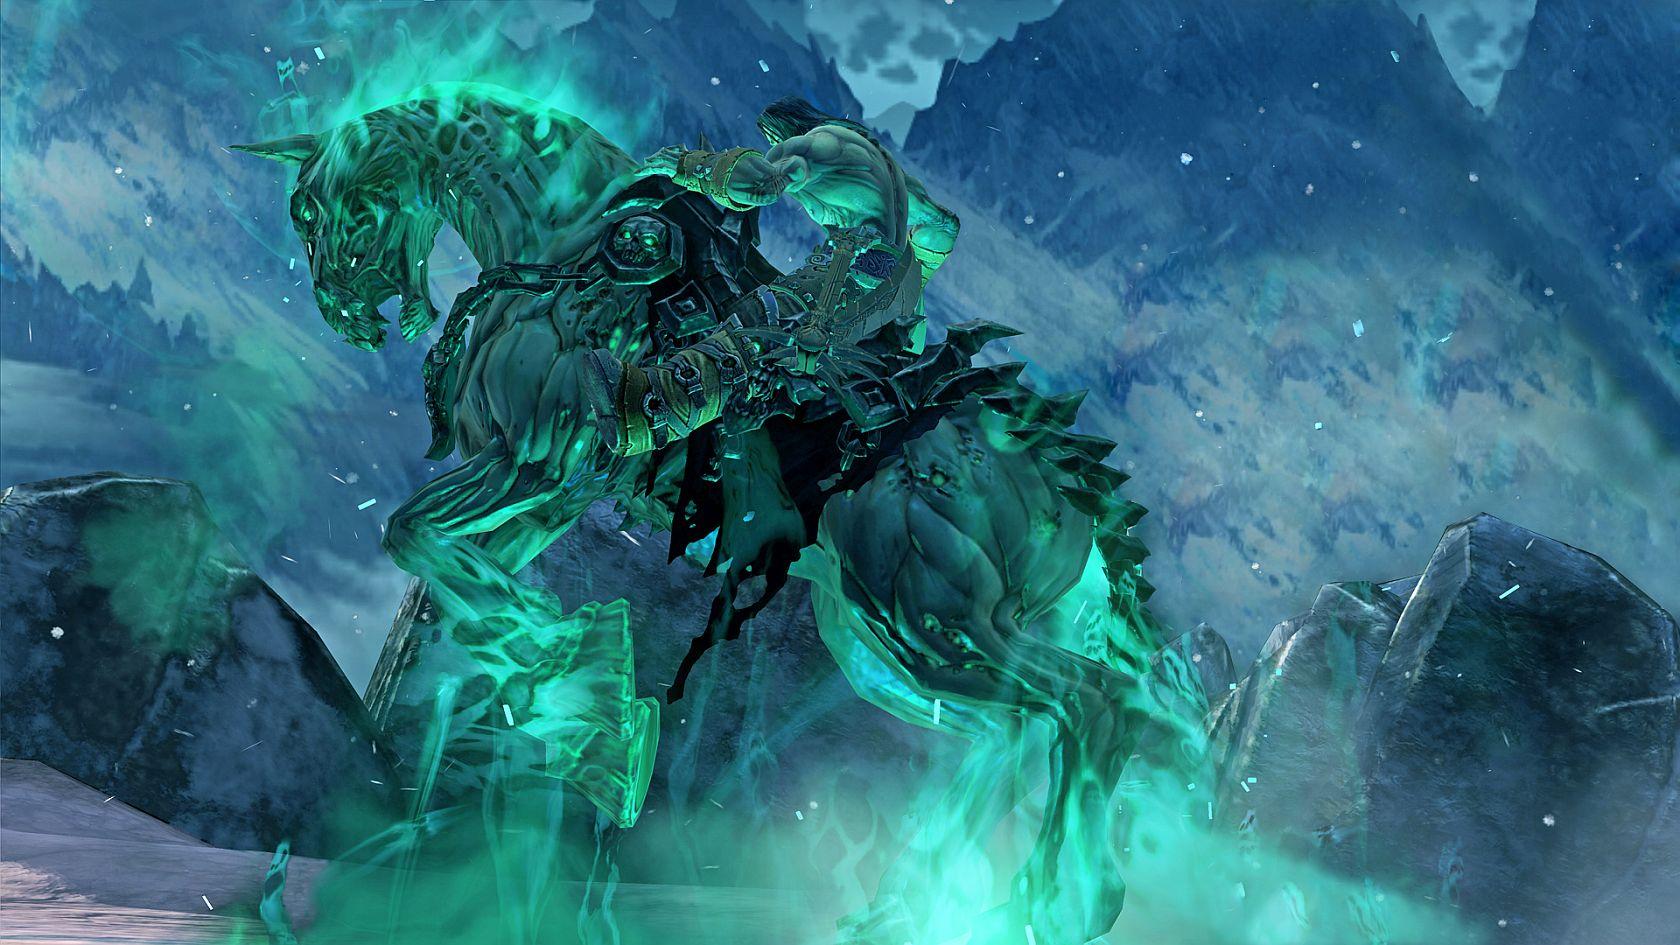 画像集 008 明日発売 Darksiders Ii 死の騎士 デス の壁紙5種が